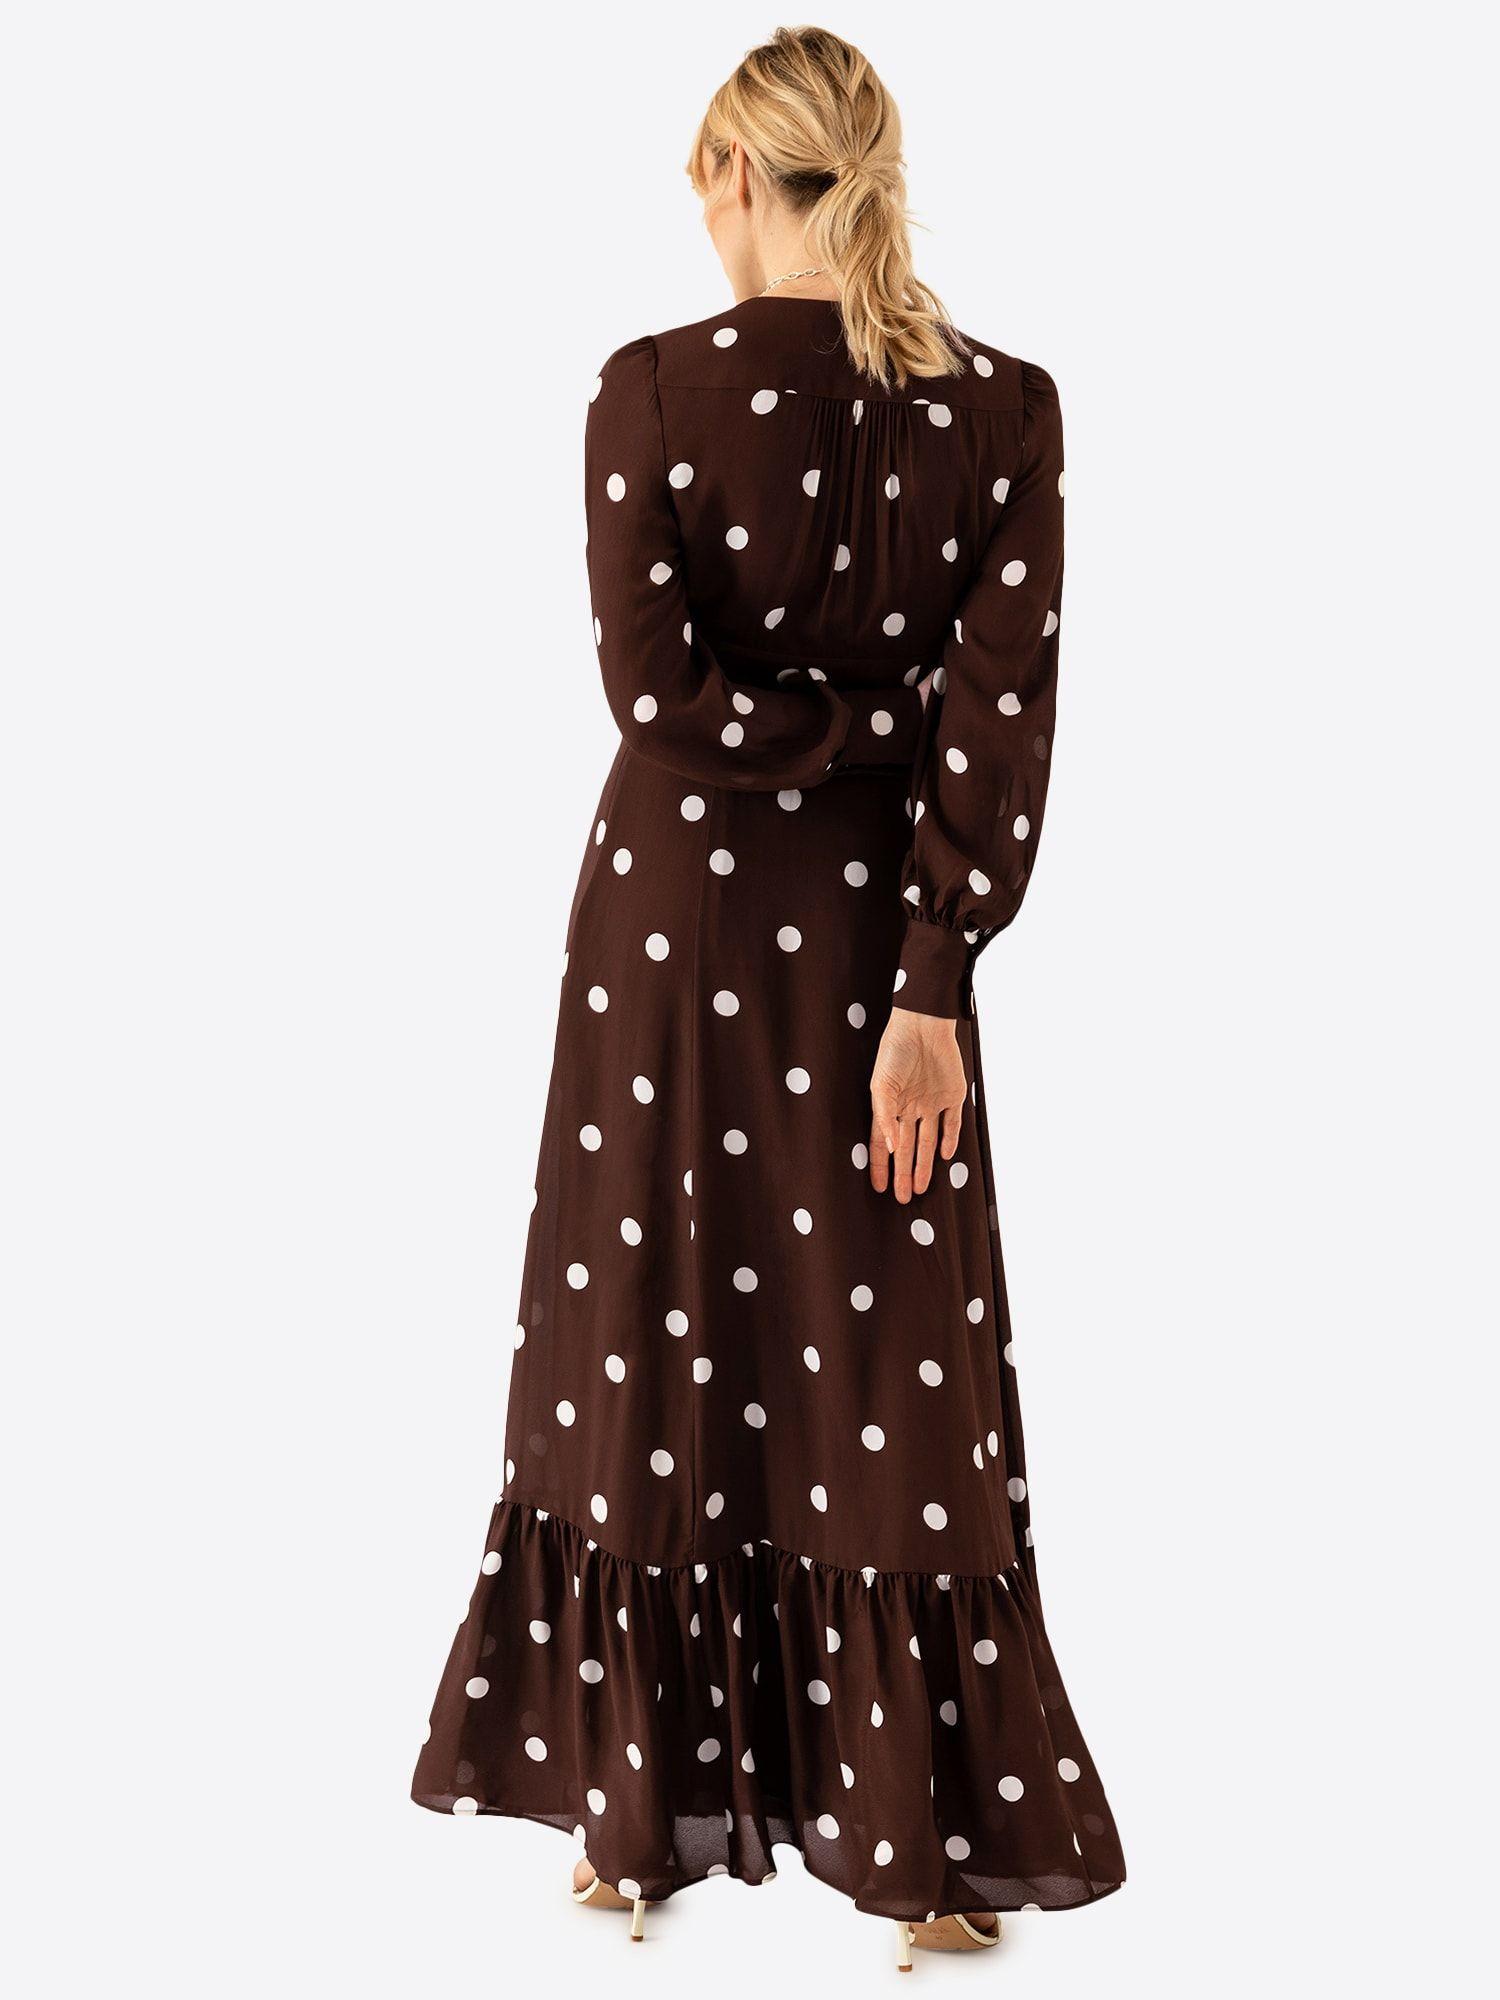 ivy & oak kleid damen, schoko / weiß, größe 46 | kleider